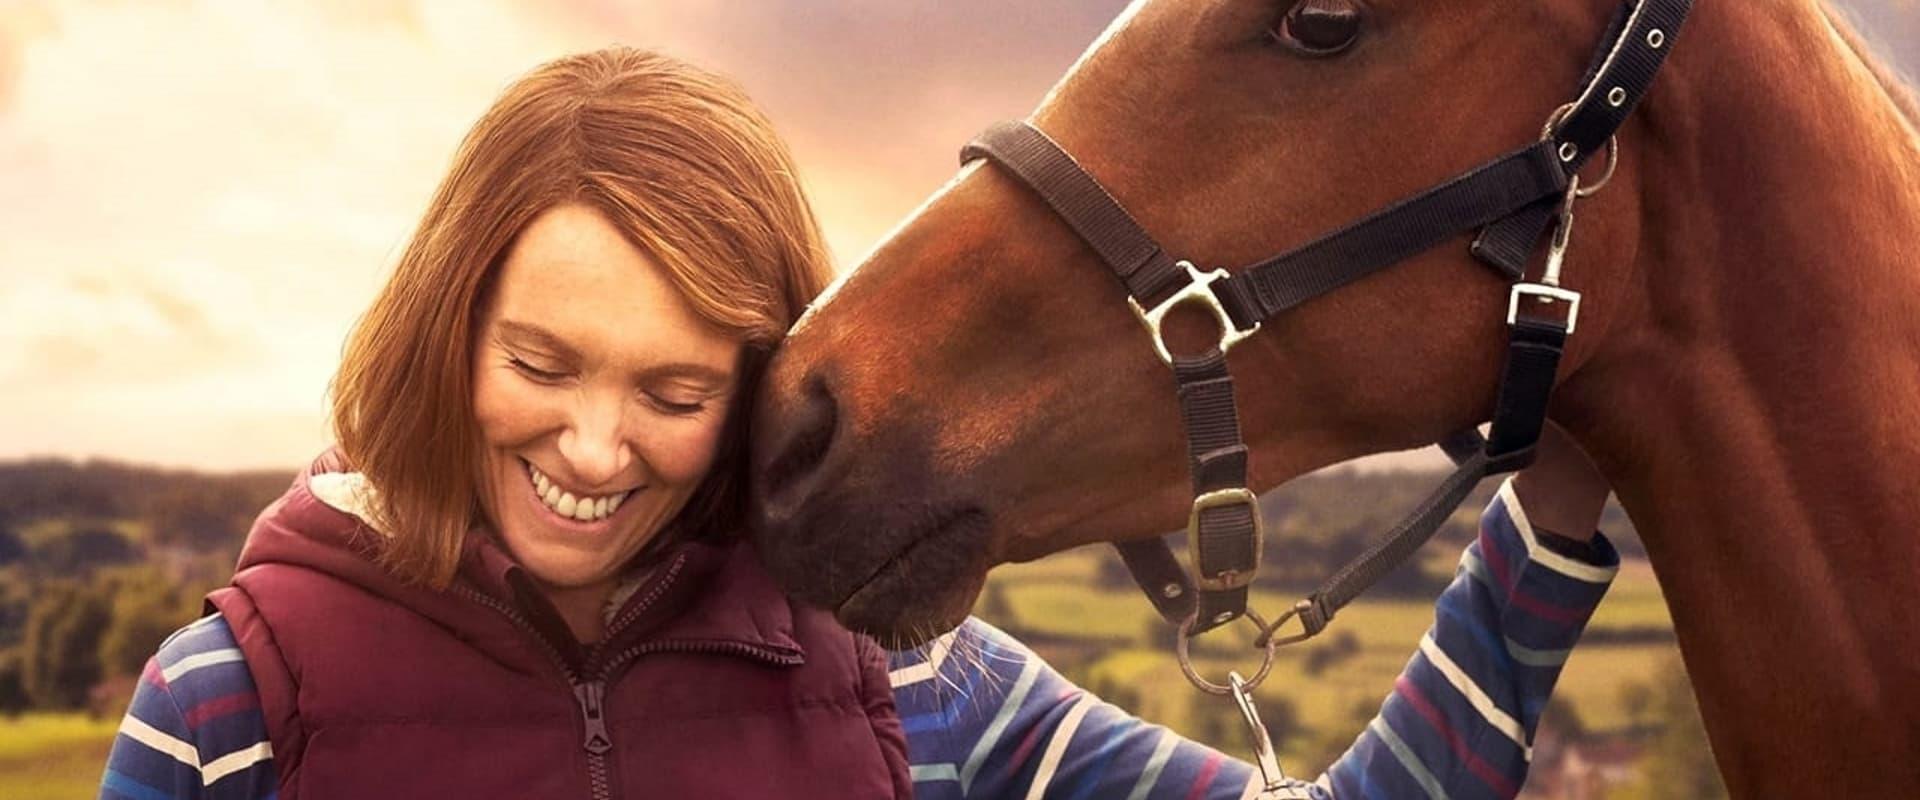 Dream HorseDie britische Komödie erzählt die aufrichtige wie unterhaltsame Geschichte von Underdogs, die zu Siegern werden. Gemeinsam teilen sie einen Traum, der sie aus ihrem tristen Leben reißen soll.